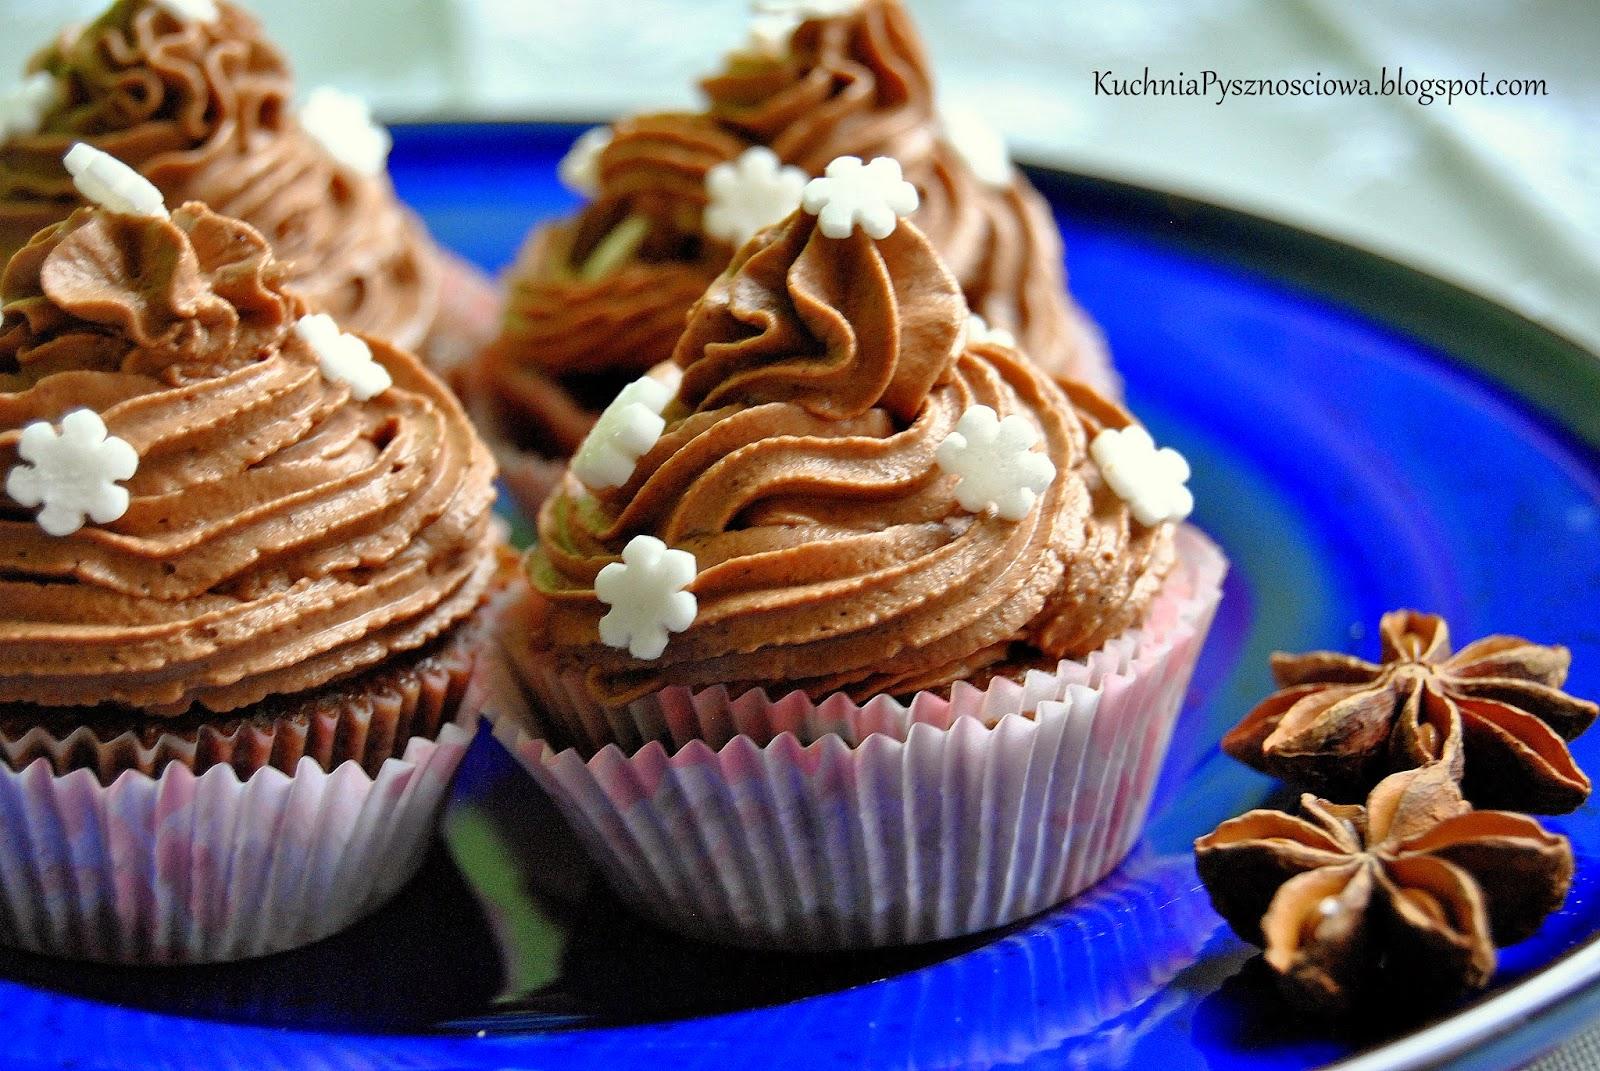 279. Zimowe muffiny czekoladowe z kremem piernikowym